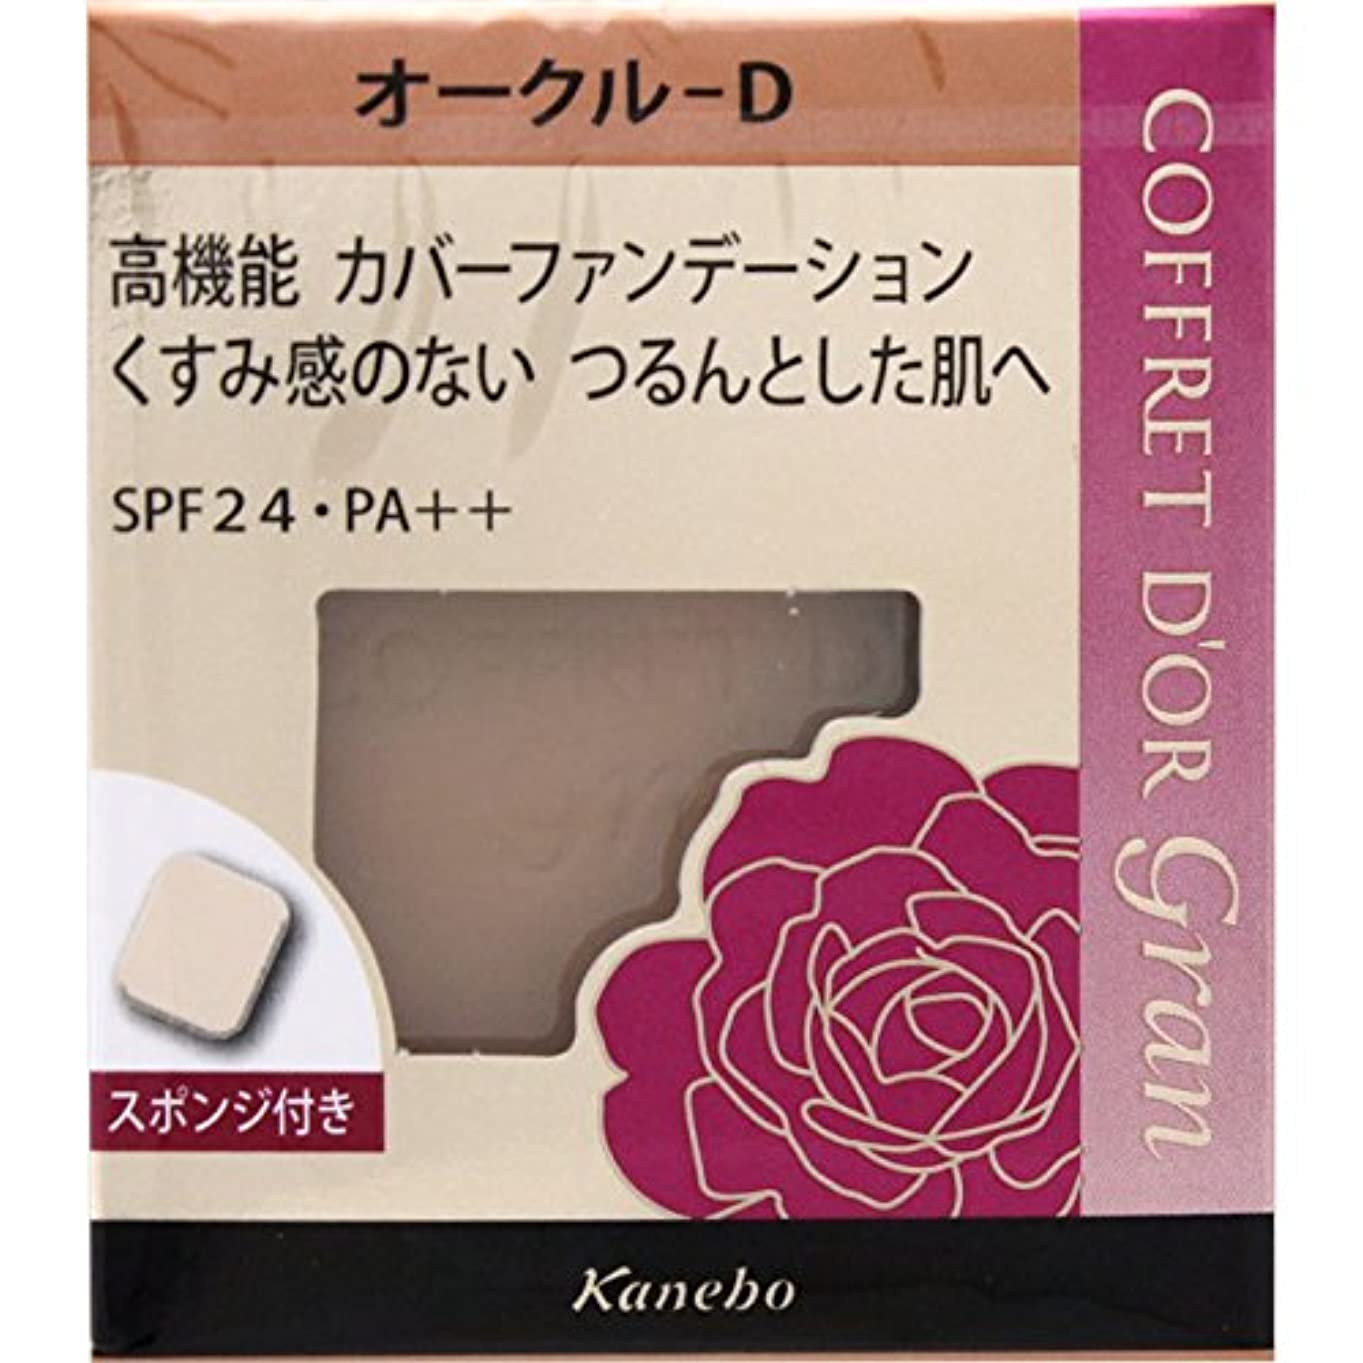 メディックなしでそれによってカネボウ(Kanebo) コフレドールグランカバーフィットパクトUVII《10.5g》<カラー:オークルD>